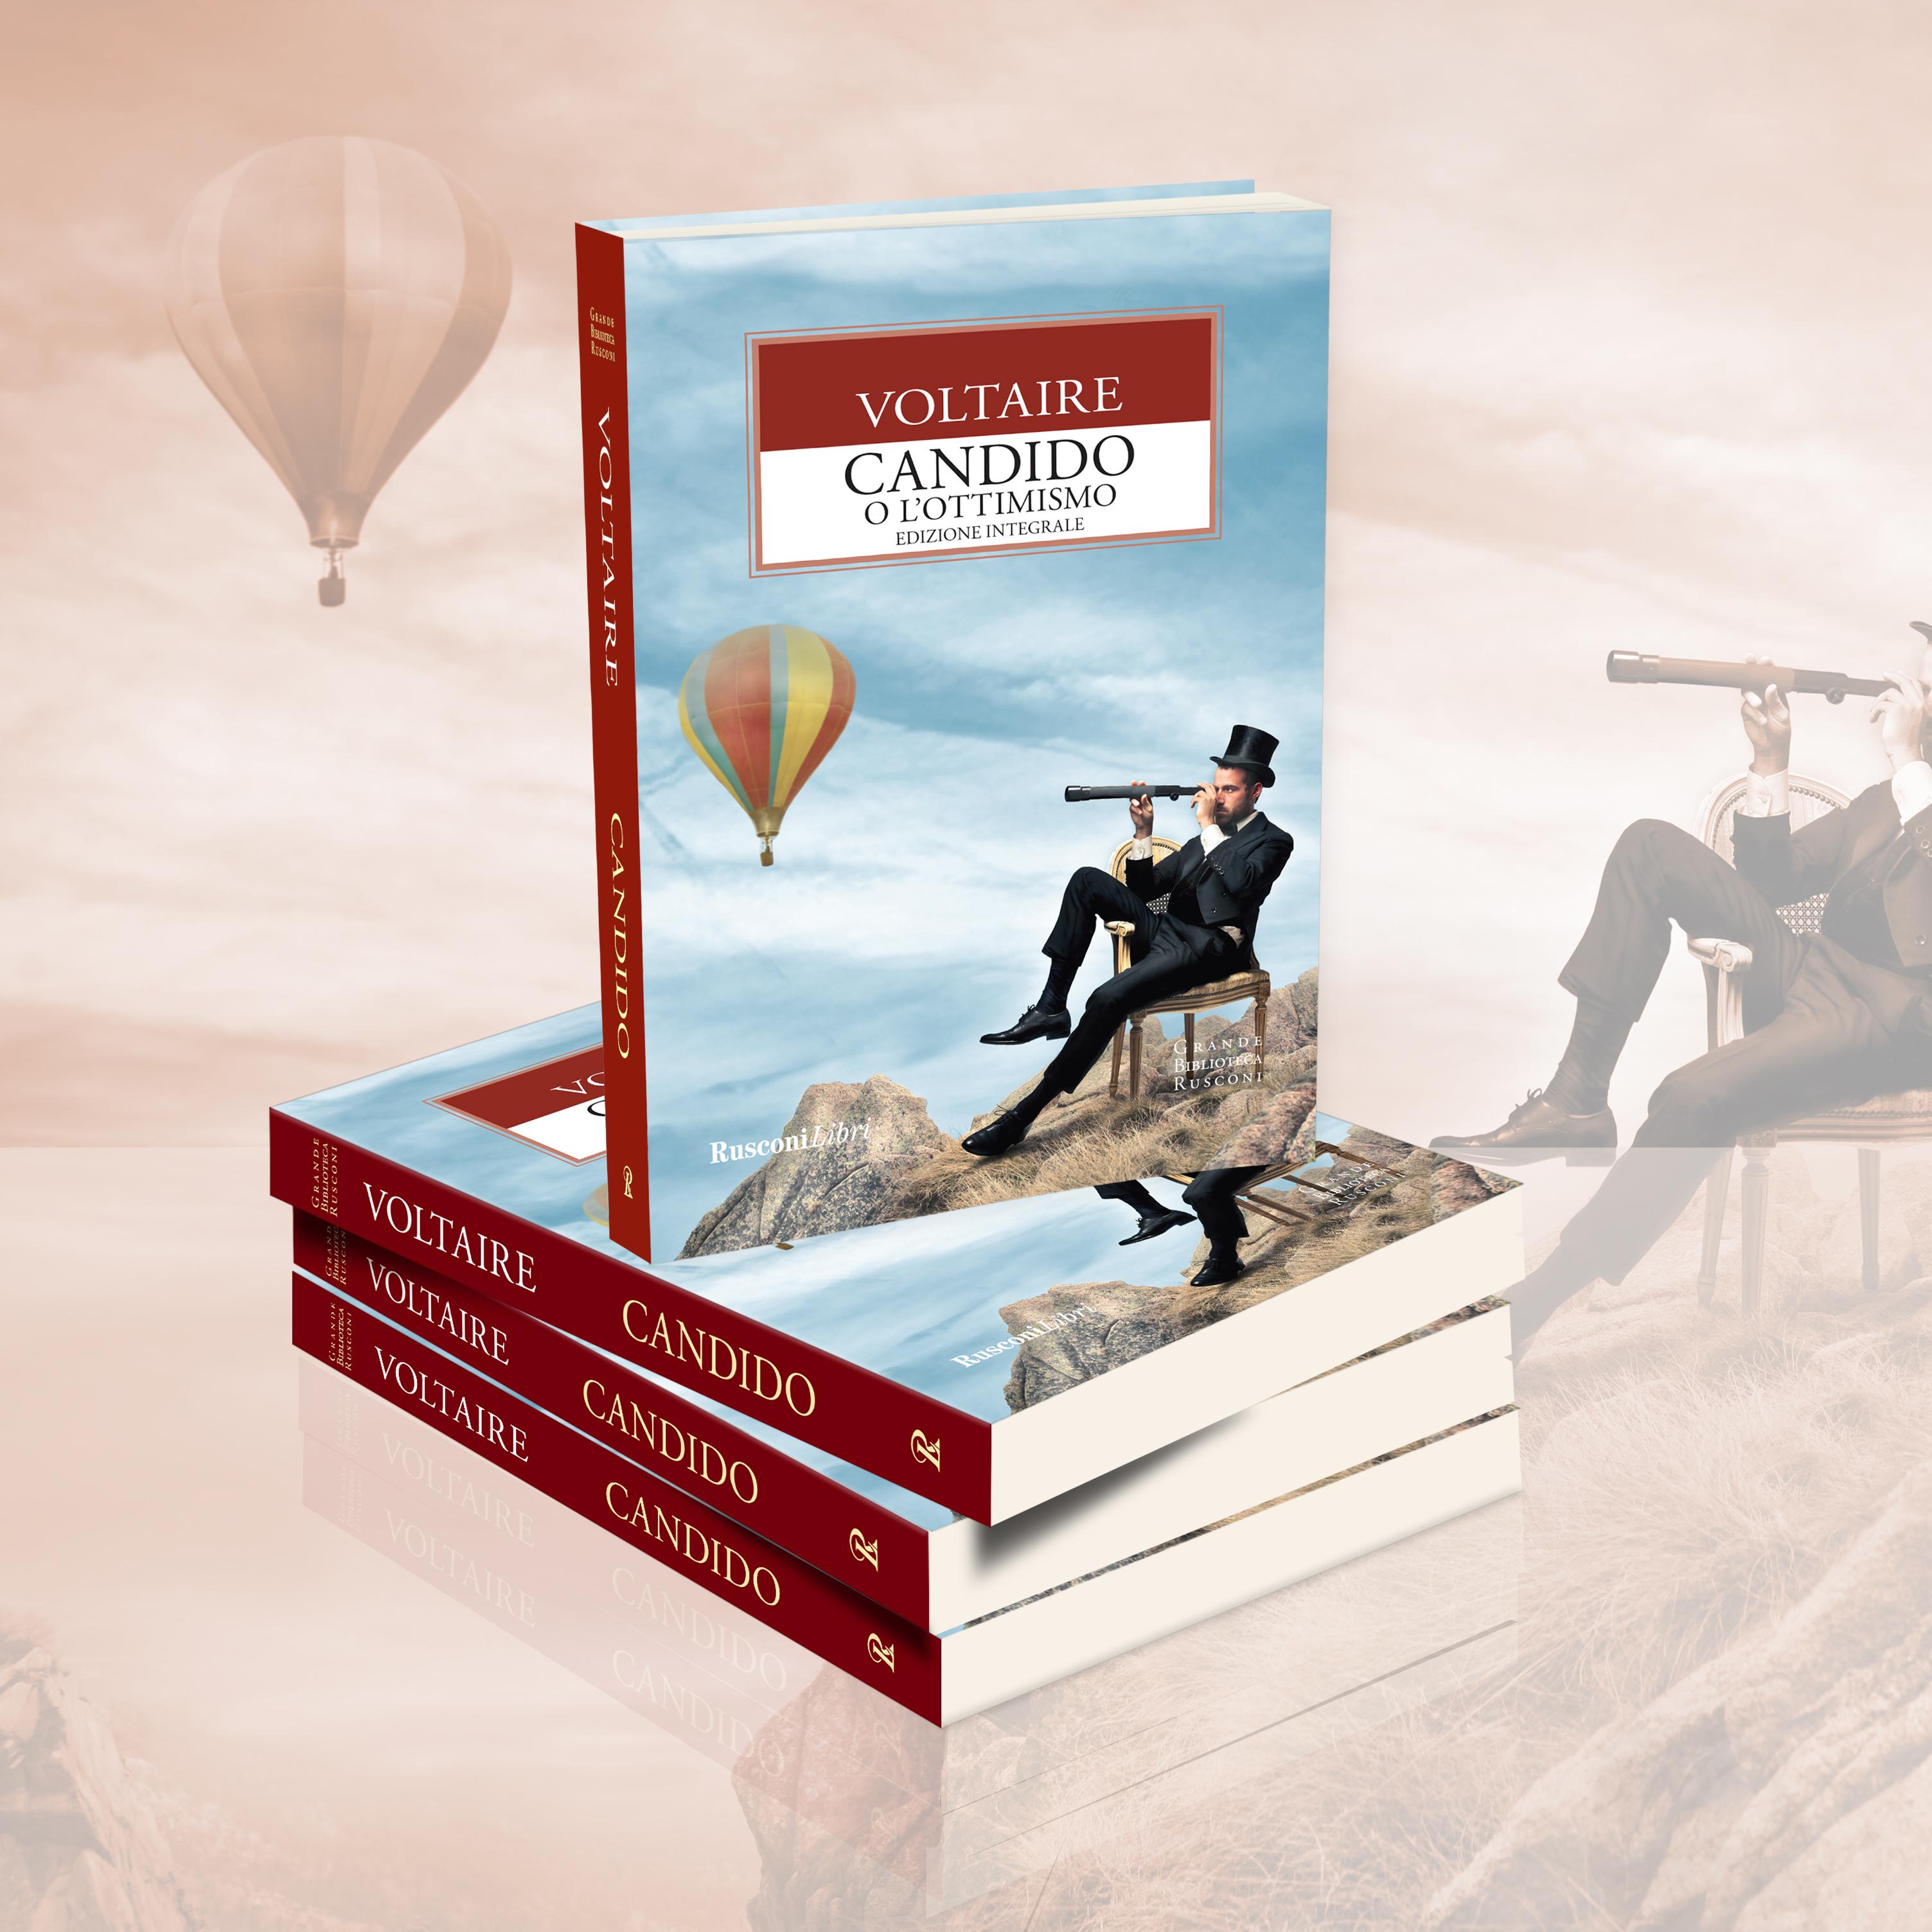 Rusconi-libri-Candido-Voltaire